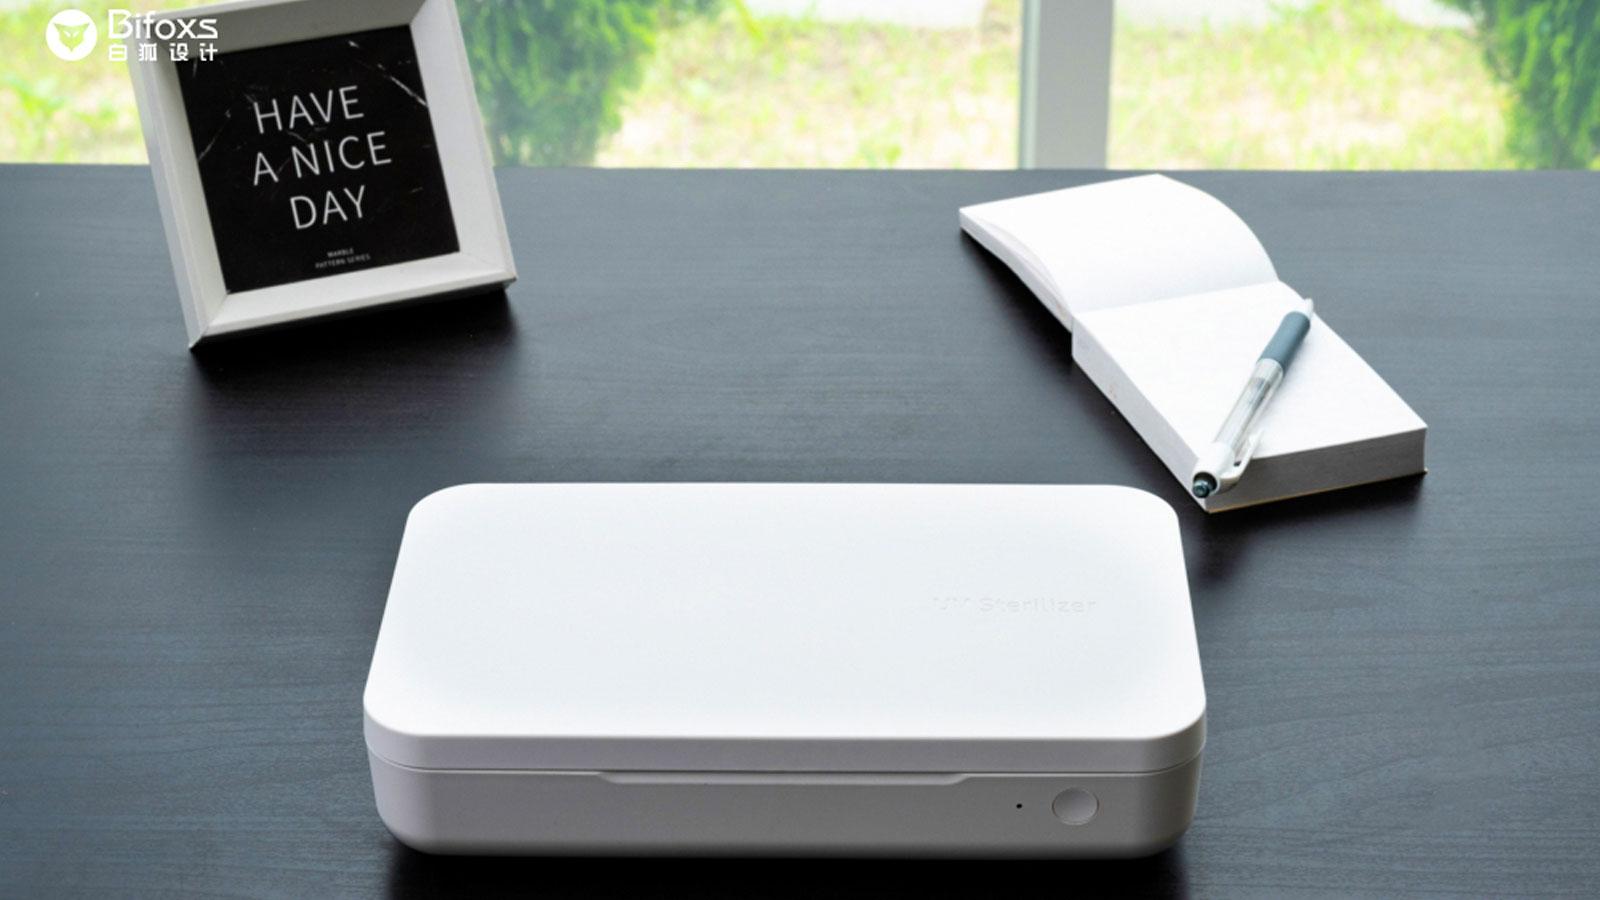 无线充电紫外线消毒盒将会成为日常随身携带物品之一